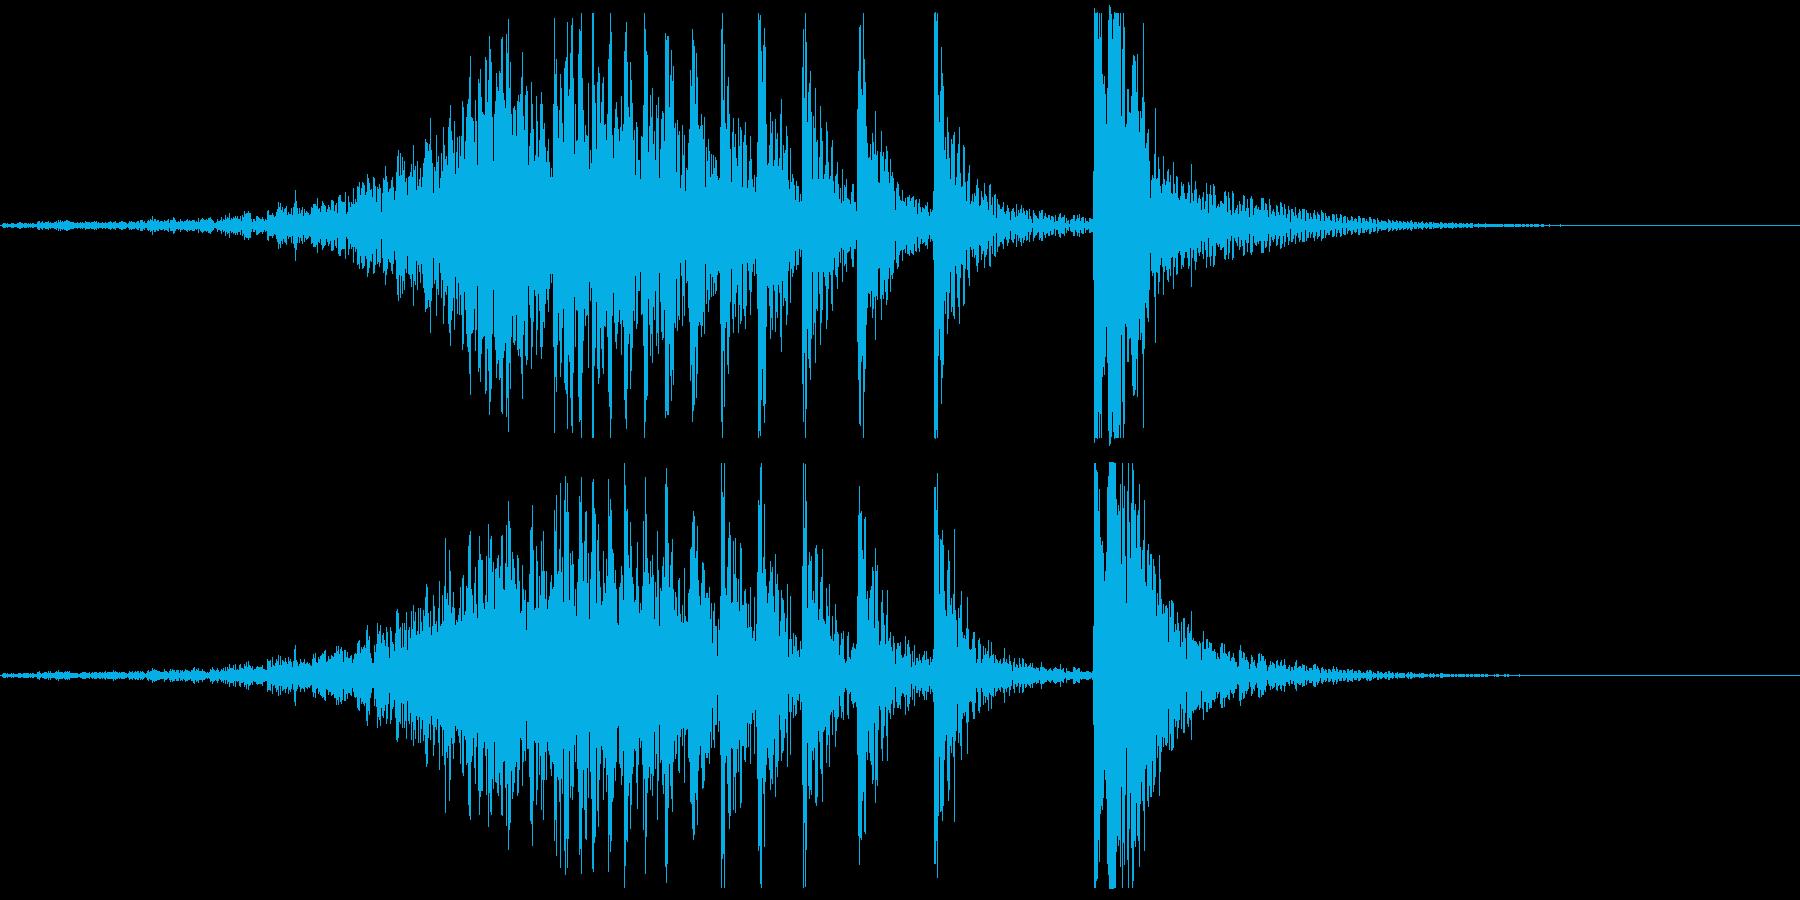 ドコドコ…ドドン!和太鼓/フェードインの再生済みの波形